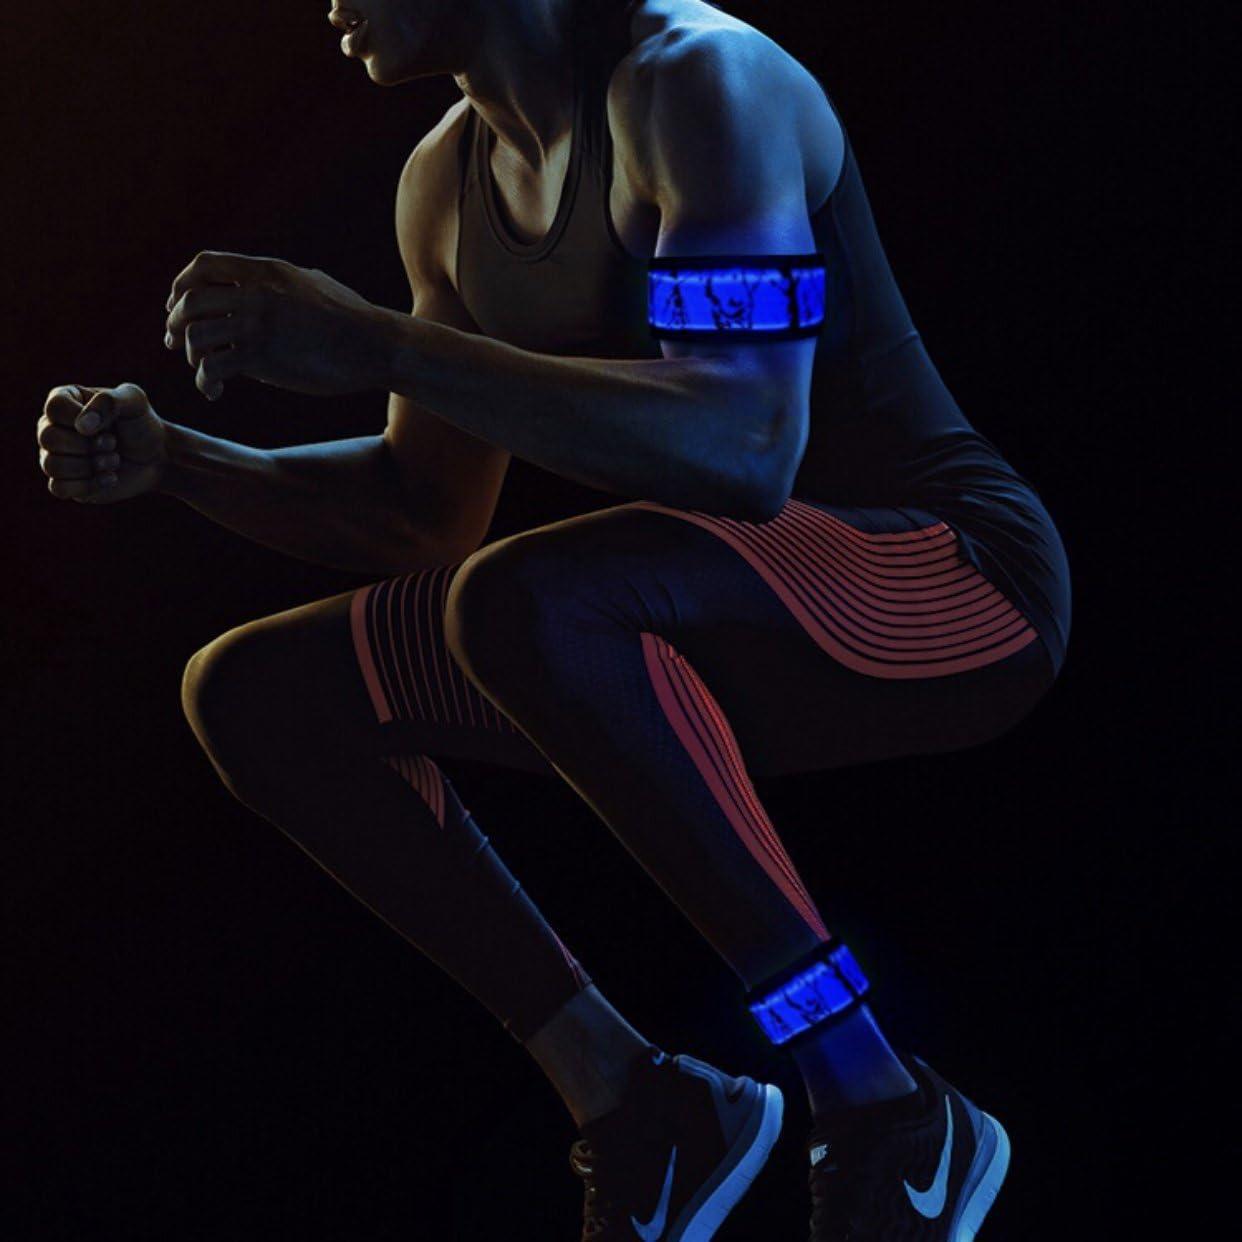 UK Safety Flashing LED Light up Reflective Arm Band Hiking Running Bike Cycling